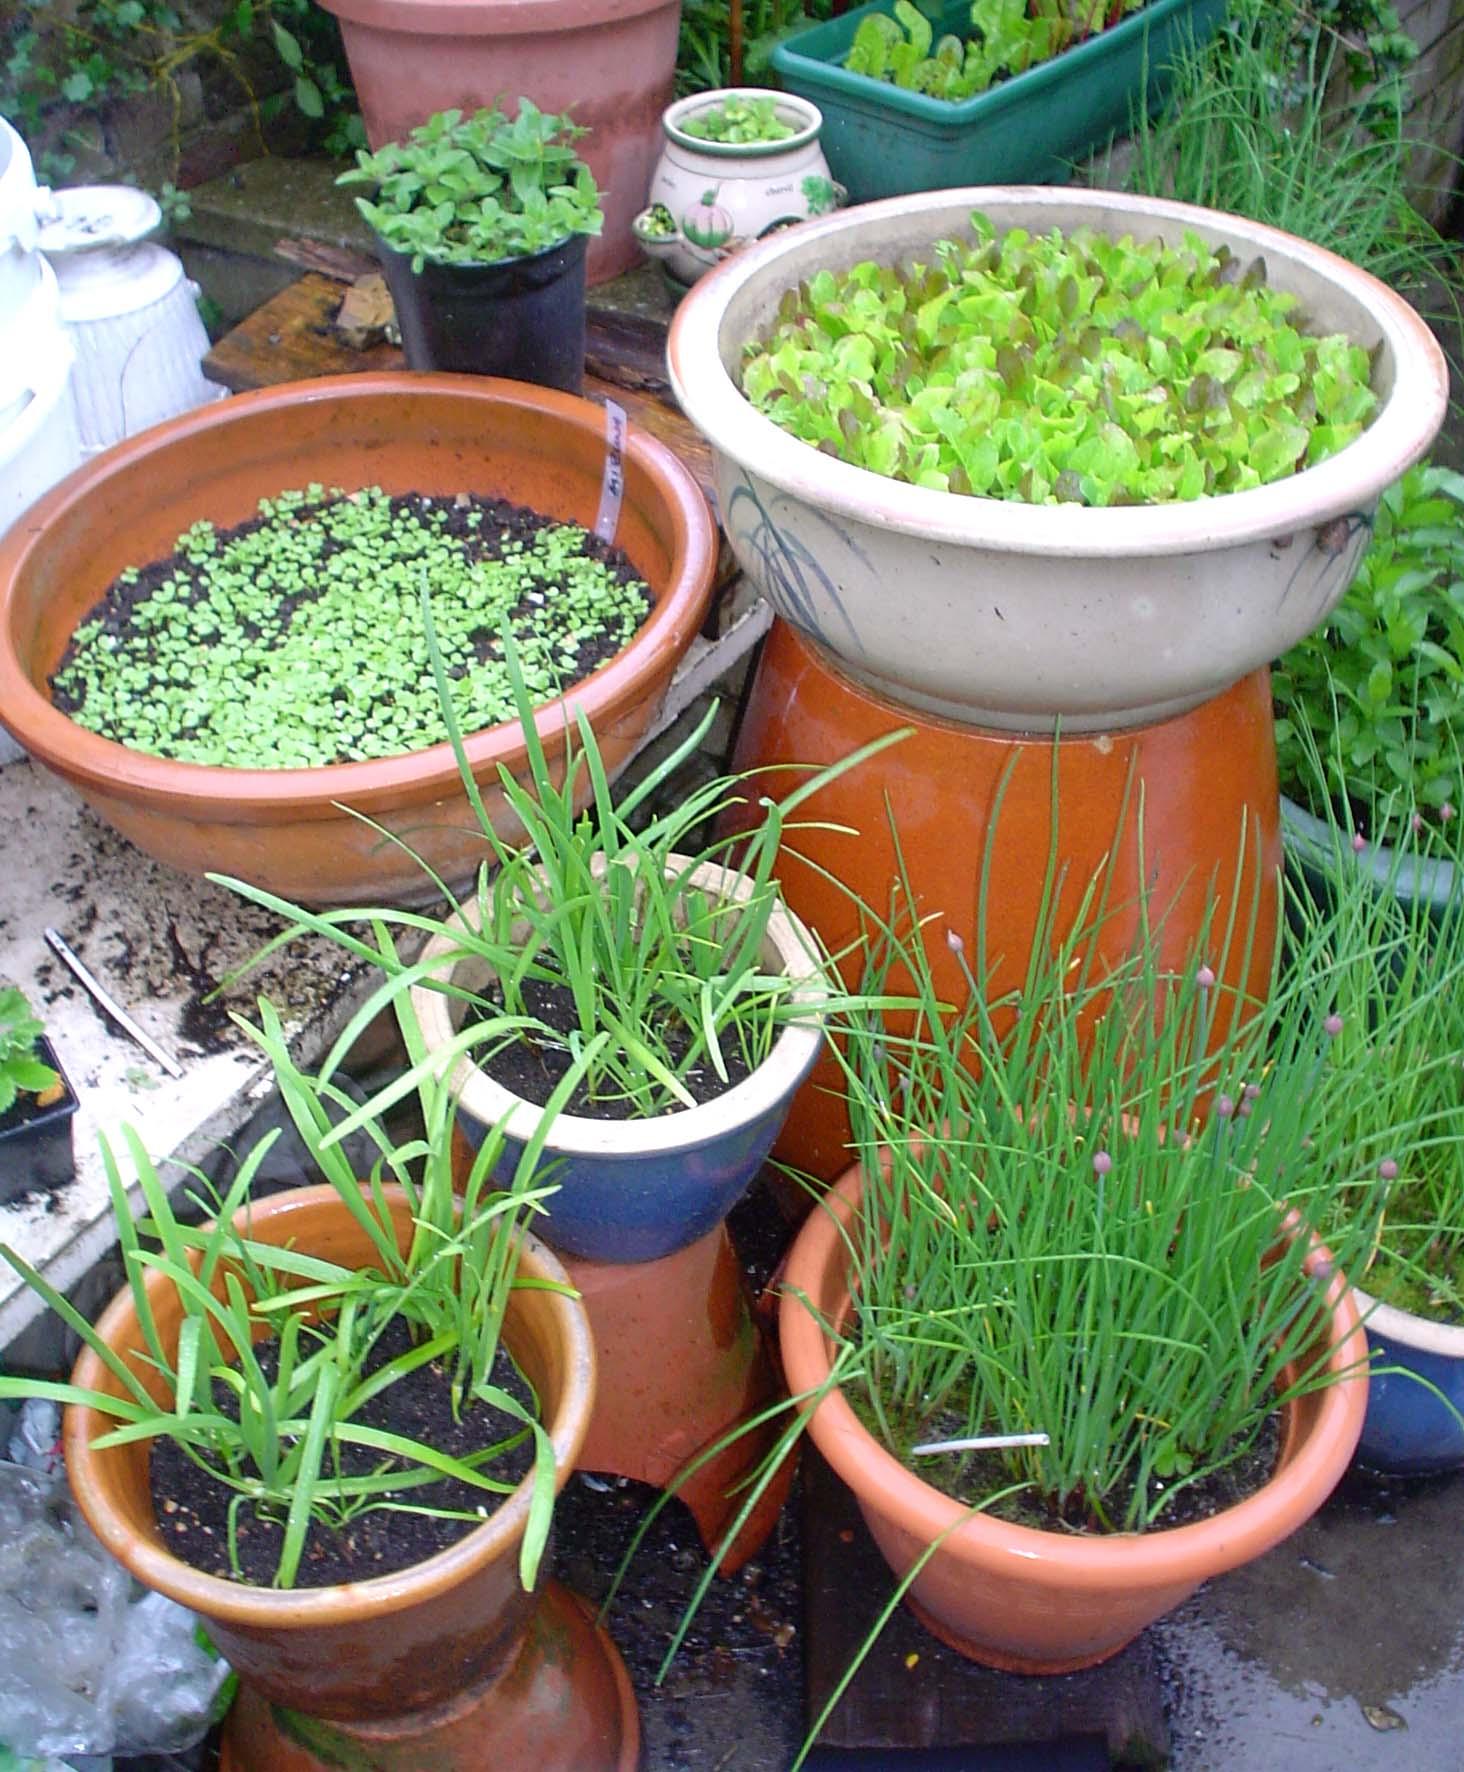 http://www.writeserve.com/garden2010.JPG